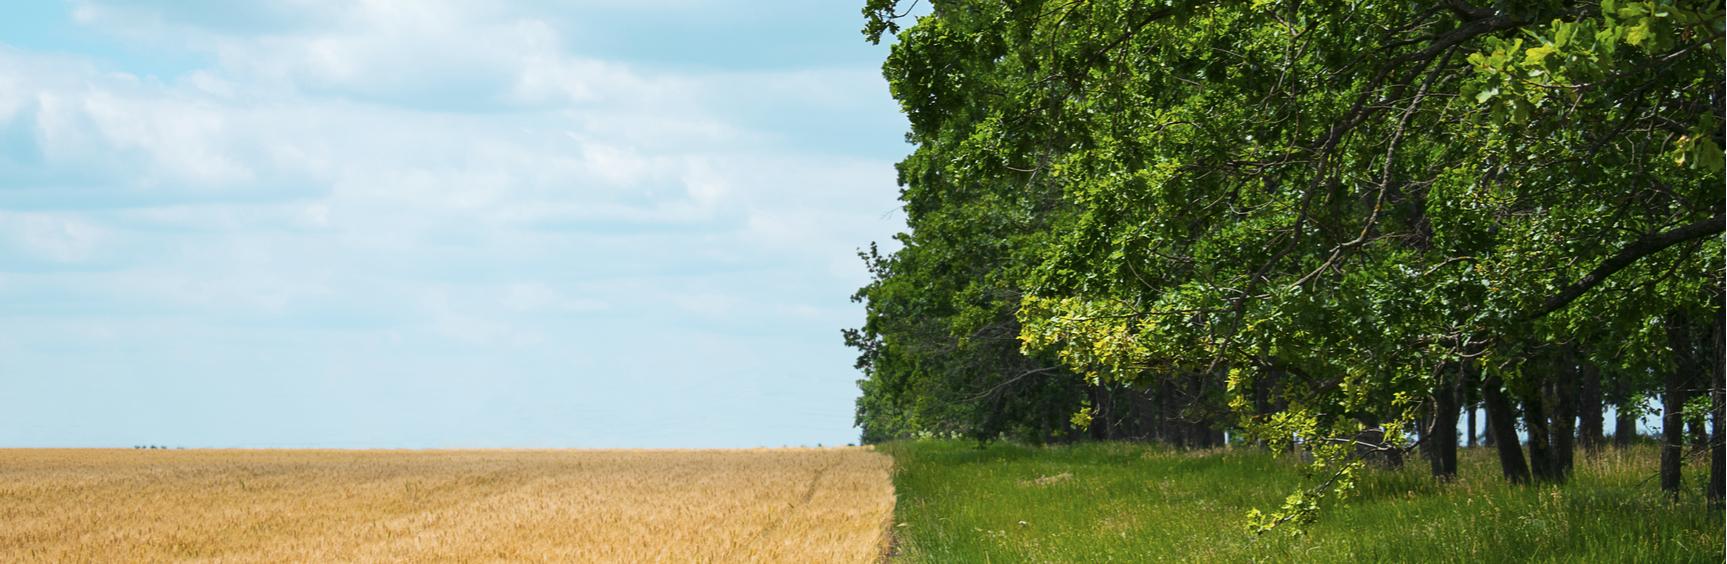 regenerative-farming-concept